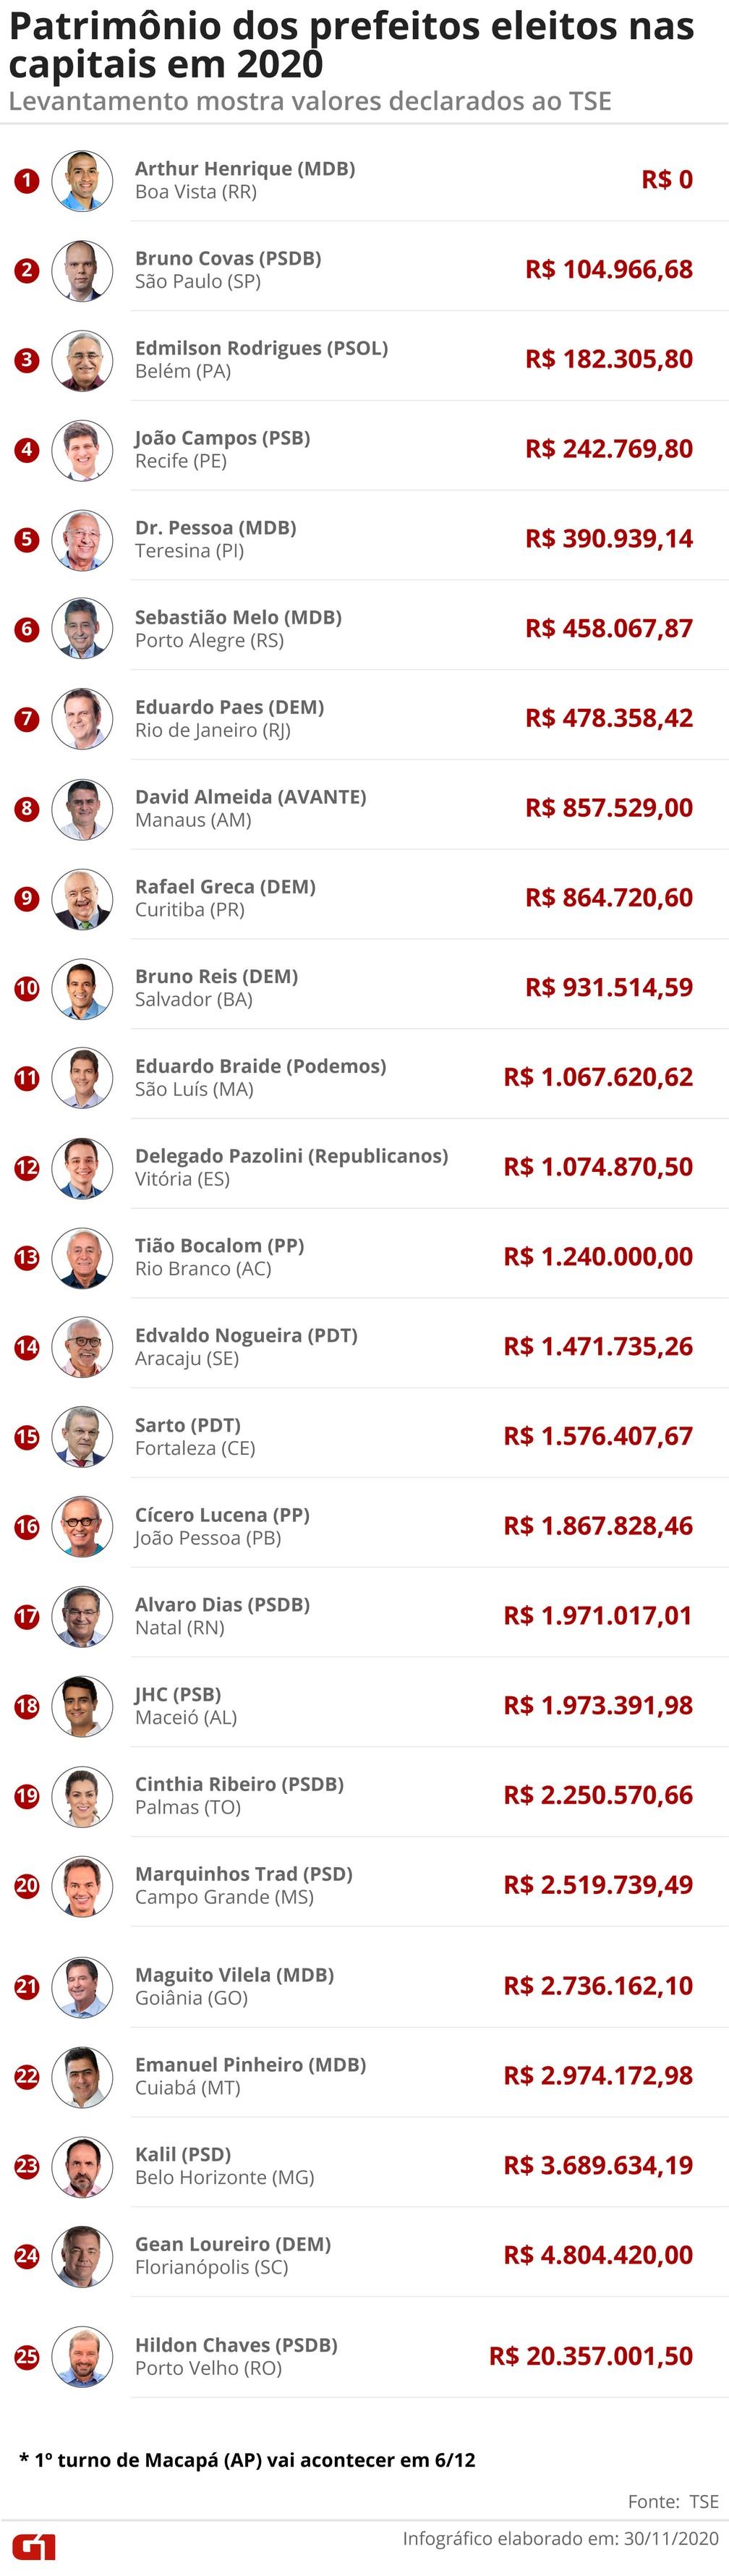 Patrimônio dos prefeitos eleitos nas capitais varia de zero a R$ 20,3 milhões  — Foto: Fernanda Garrafiel/Arte G1